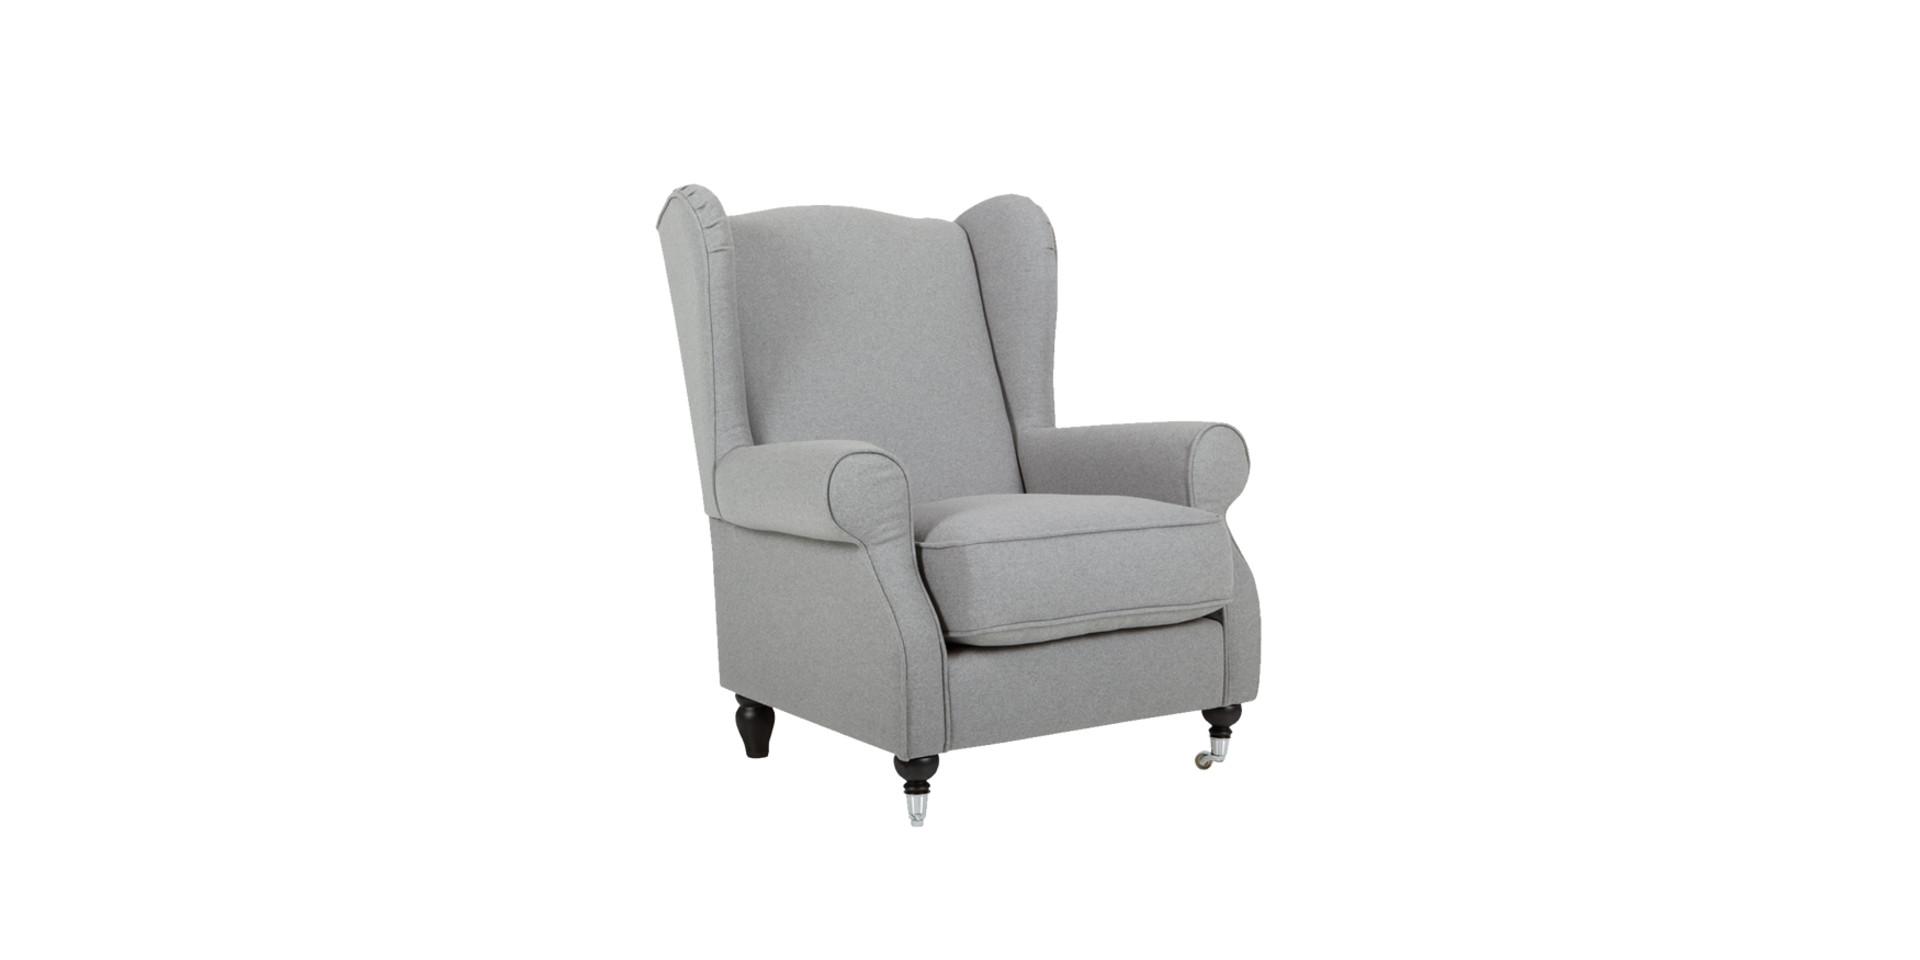 sits-humphrey-fauteuil-armchair_high_panno1000_light_grey_2